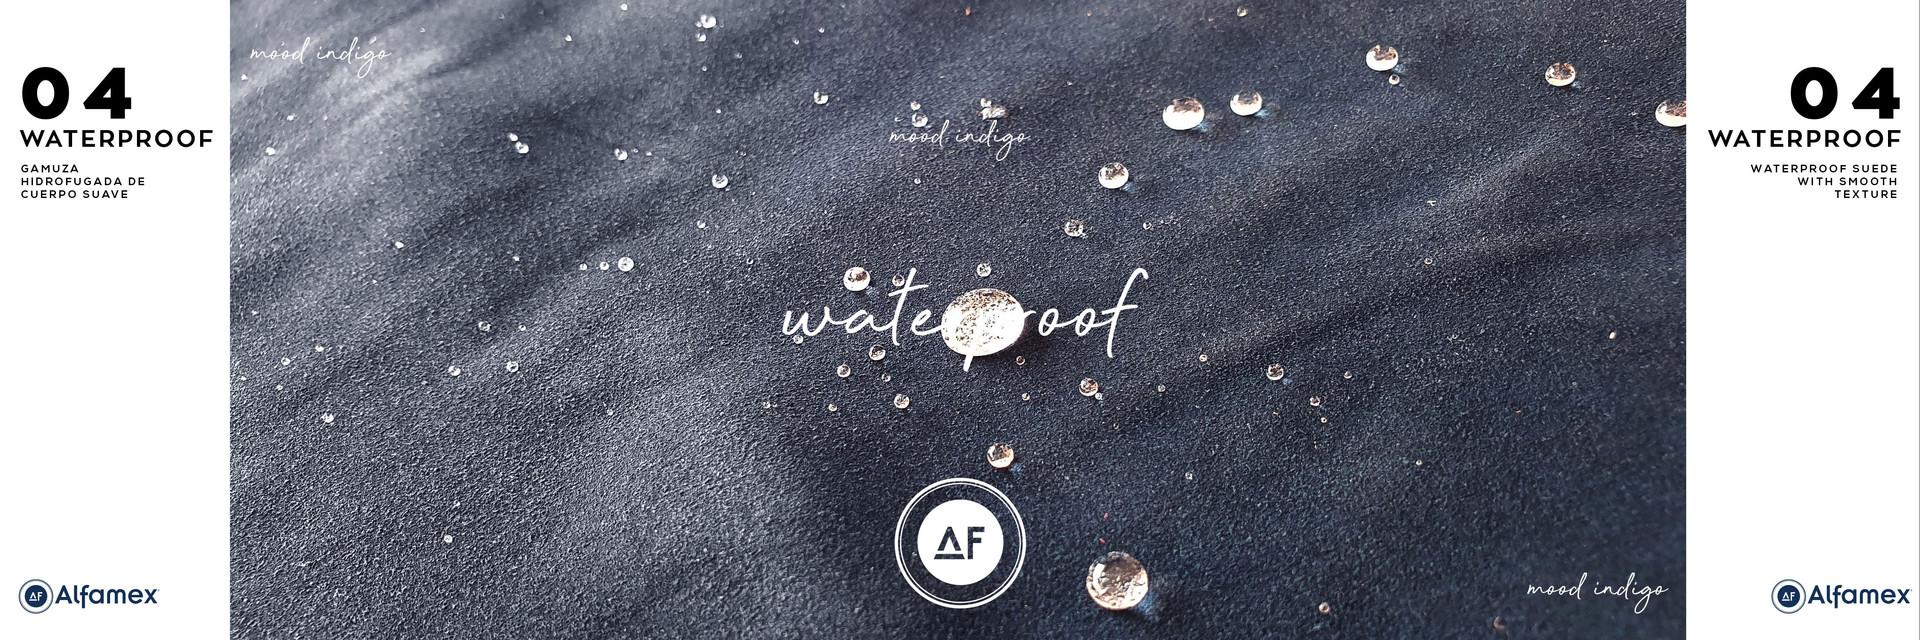 waterproof-indigo.jpg